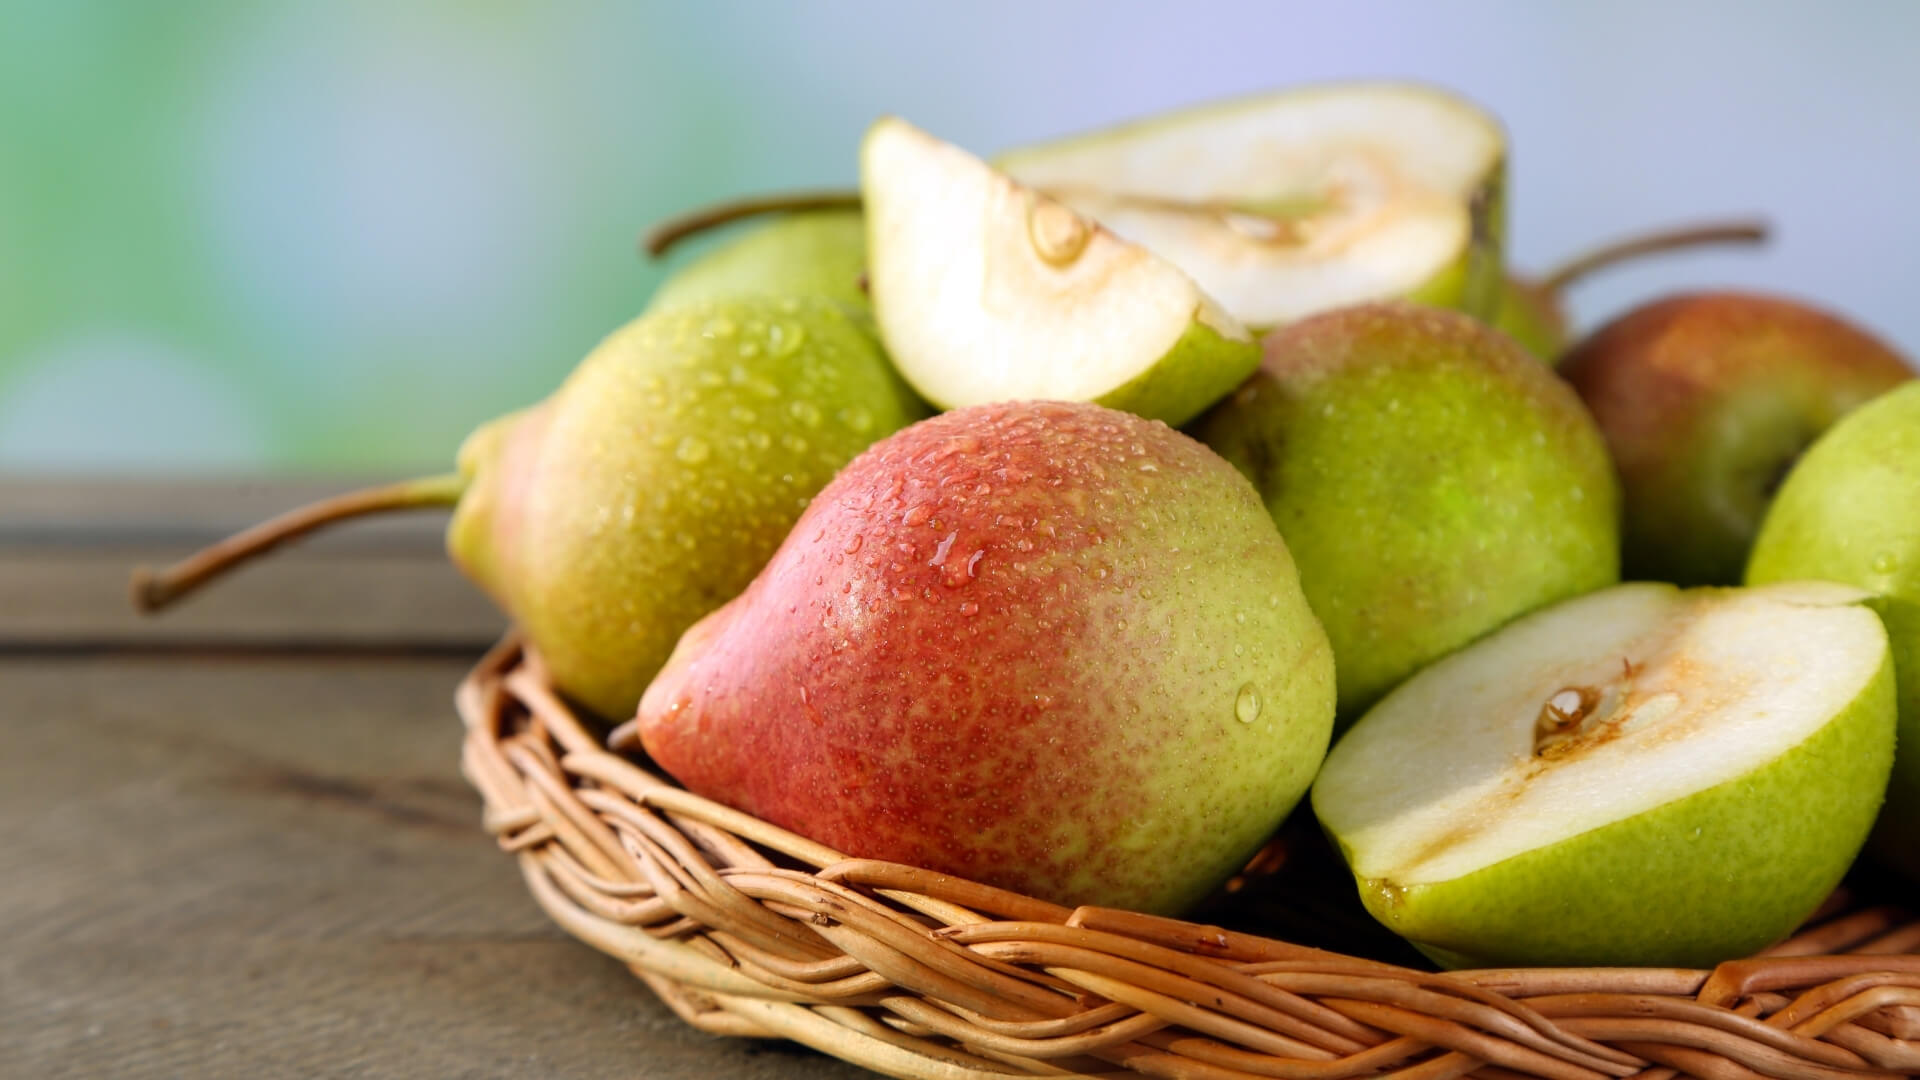 contenuto di carboidrati e zuccheri nelle pere